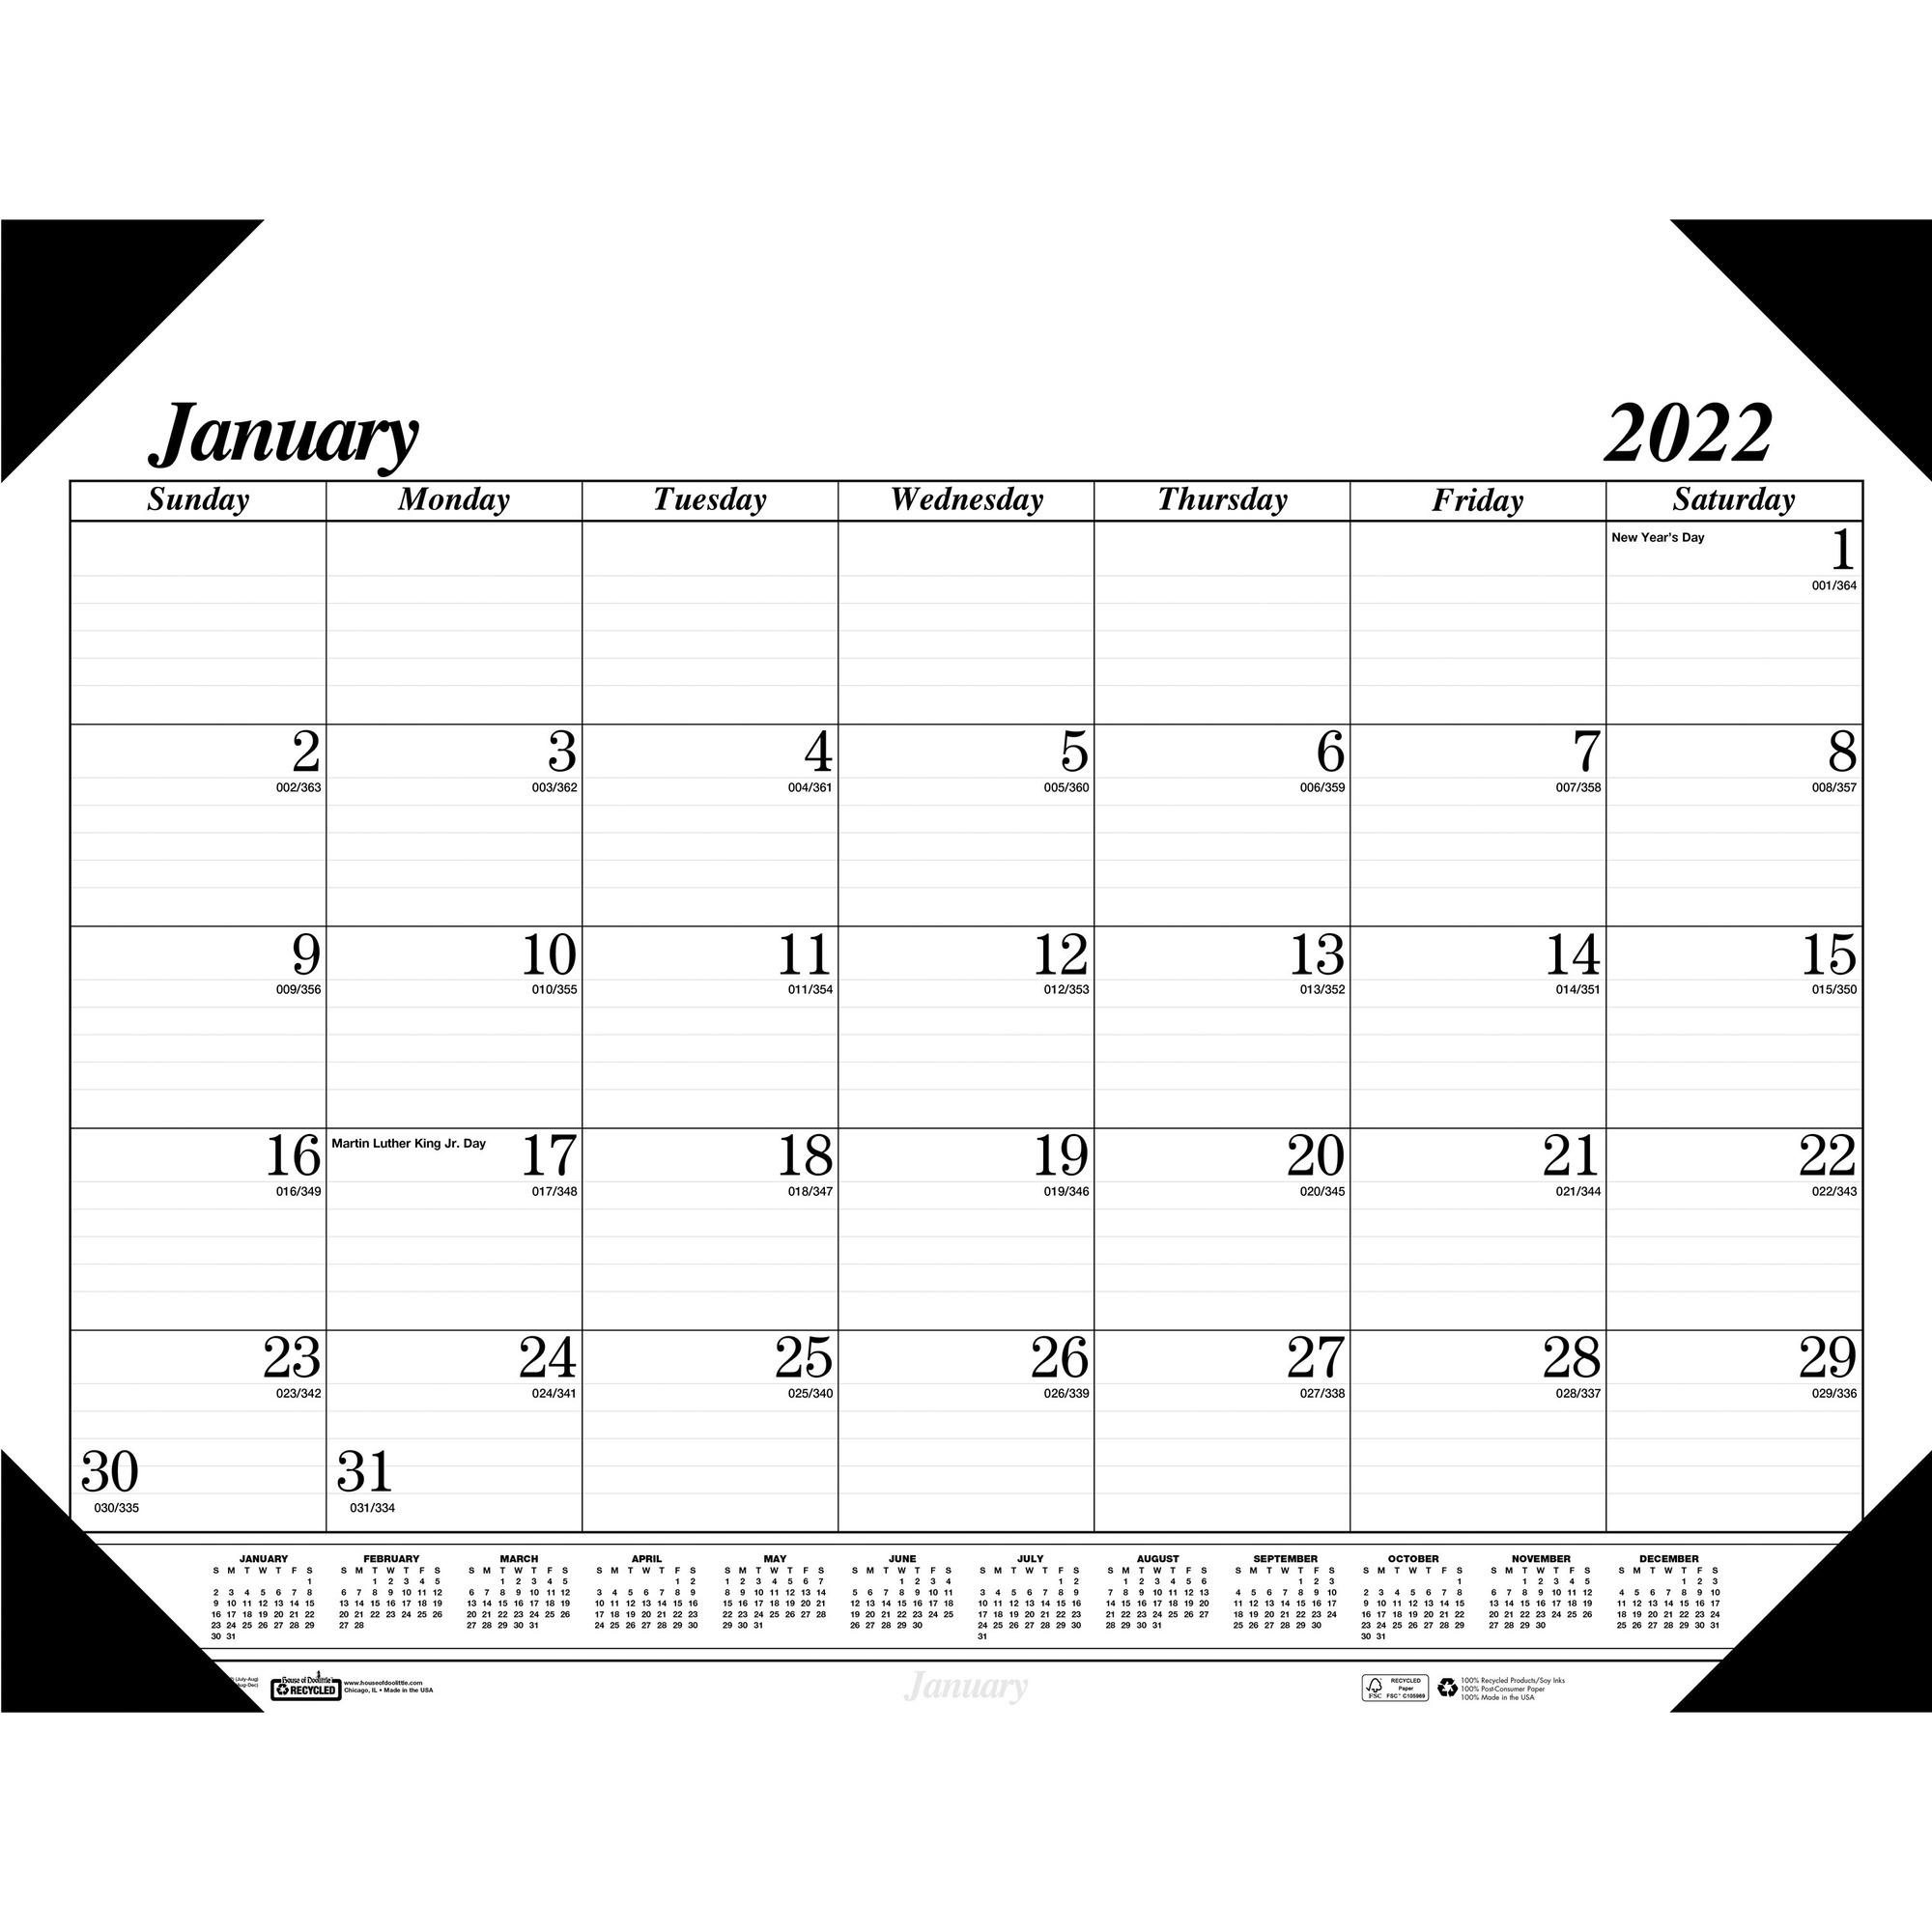 At-A-Glance Dayminder Monthly Planner - Julian Dates regarding Julian Date Calendar For 2022